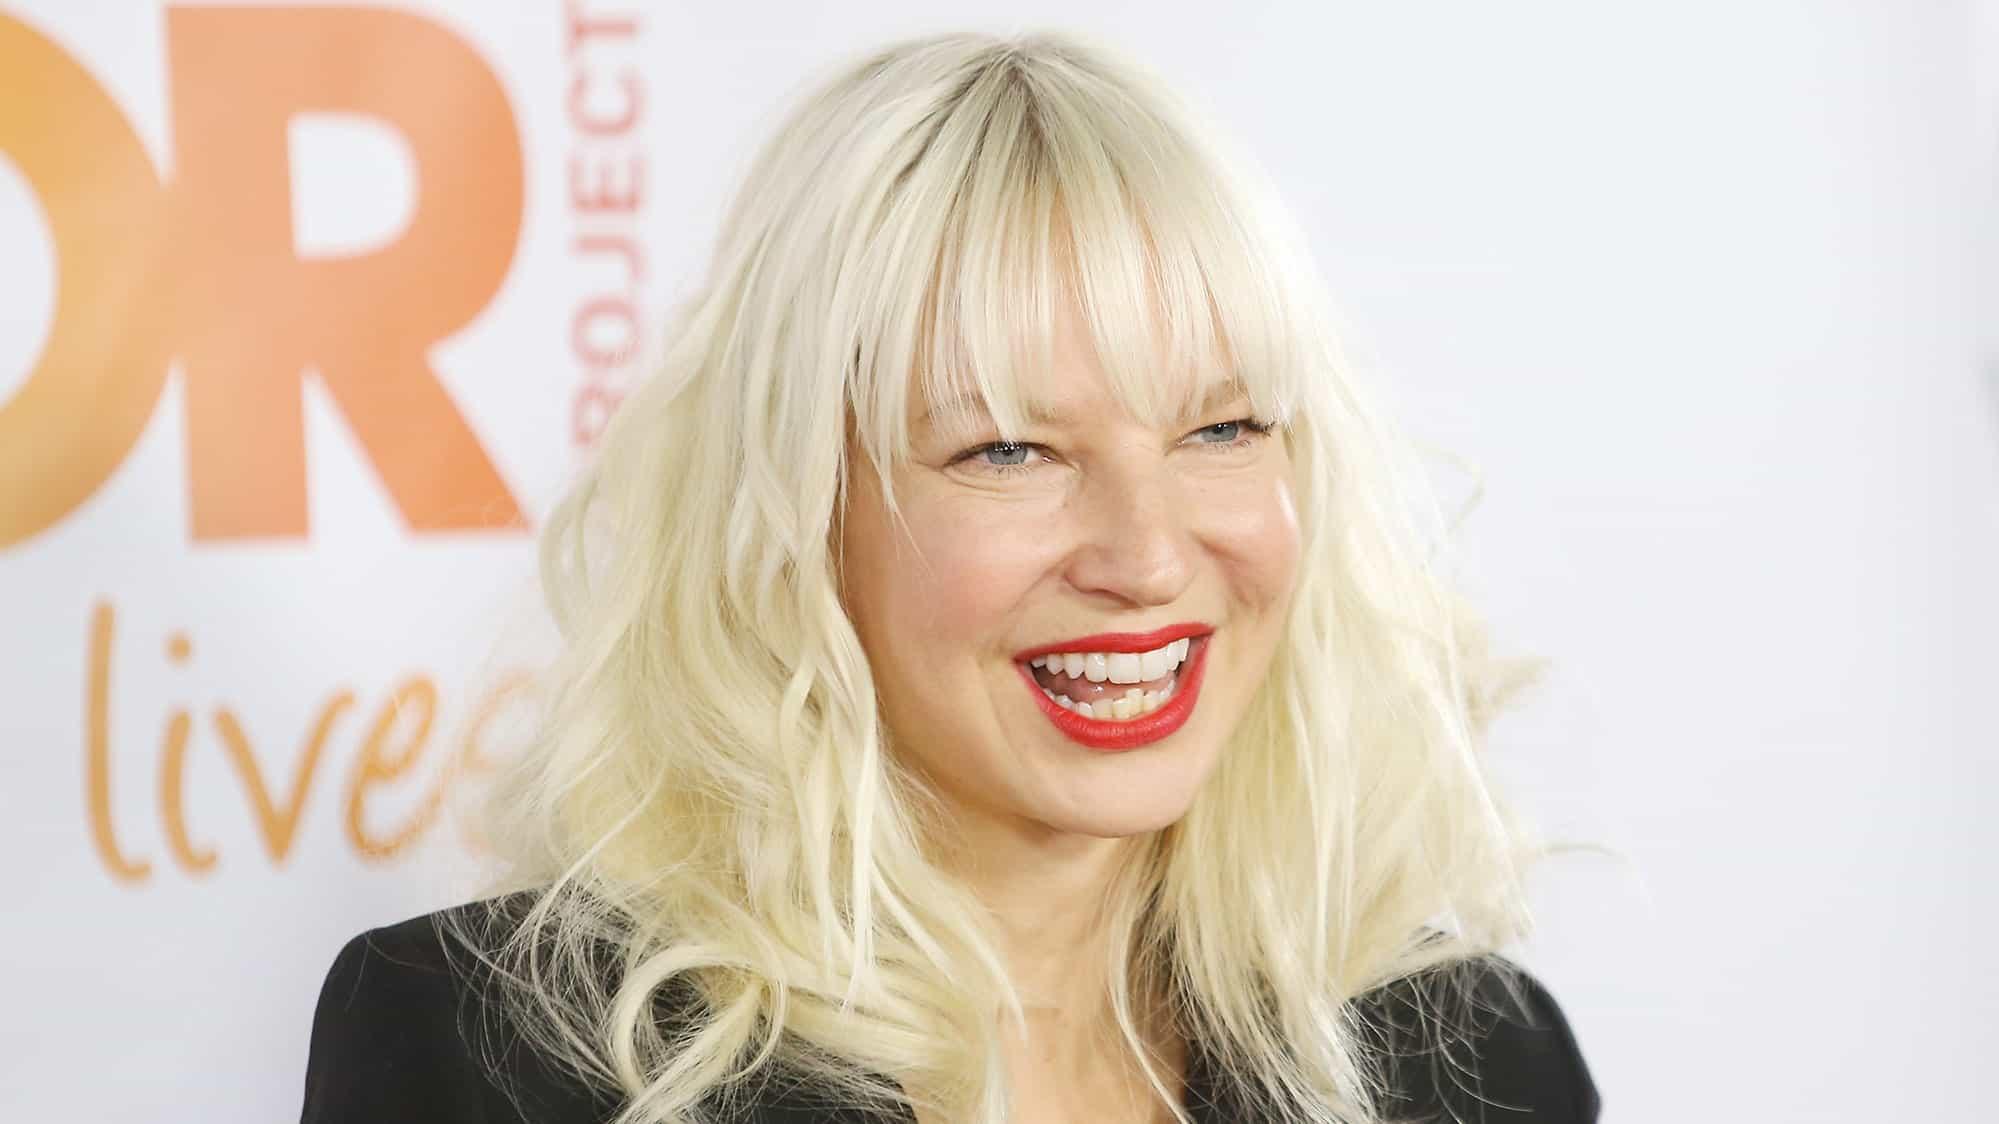 Nova izdanja: Sia izbacila novi album, novi singlovi Pink, Bon Jovija, zanimljiv duel  Ozzyja Osbournea i Post Malonea